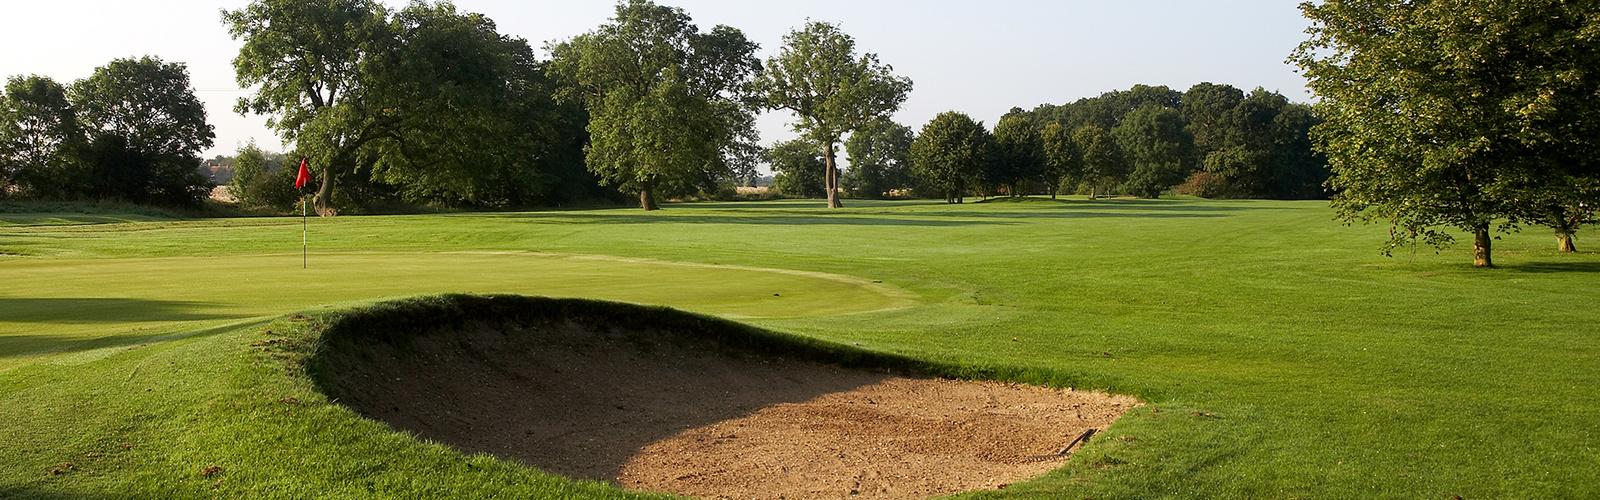 Nectarsliderganstead 2000x800 golf8